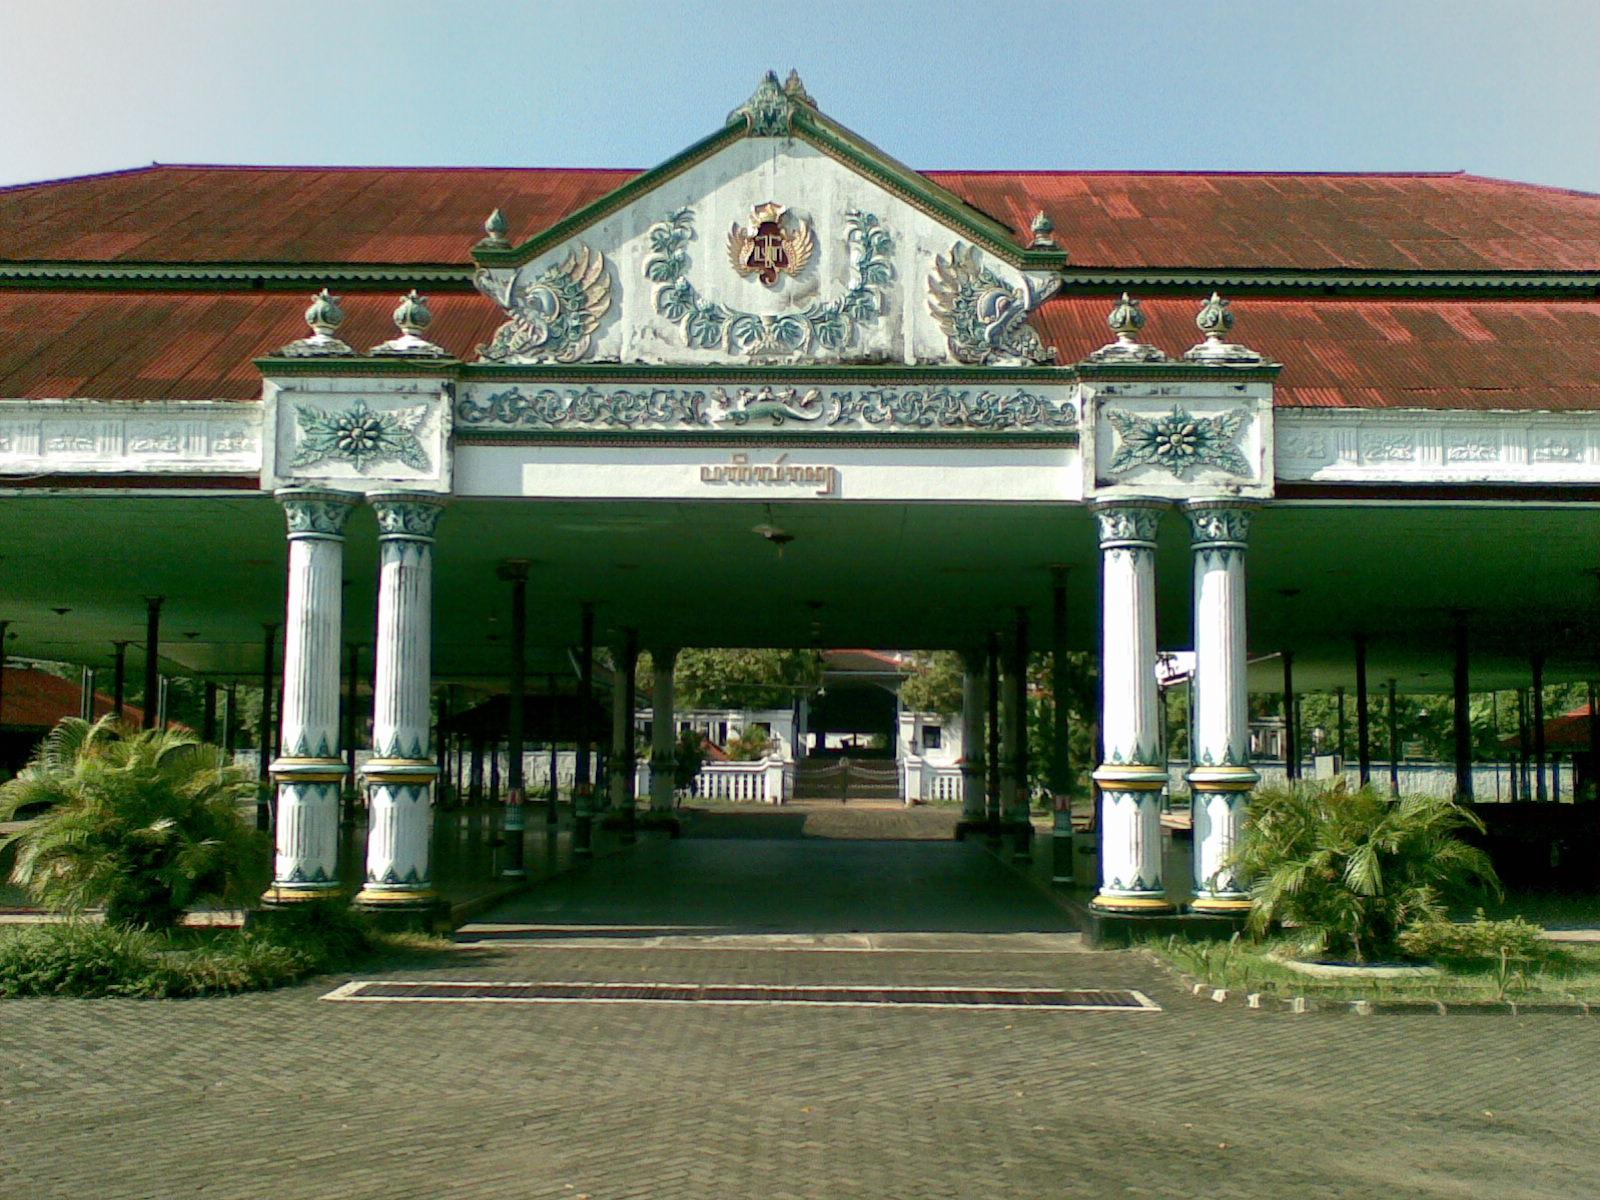 Wisata Yogyakarta Jaring Tour Travel Kraton Sejarah Keraton Kota